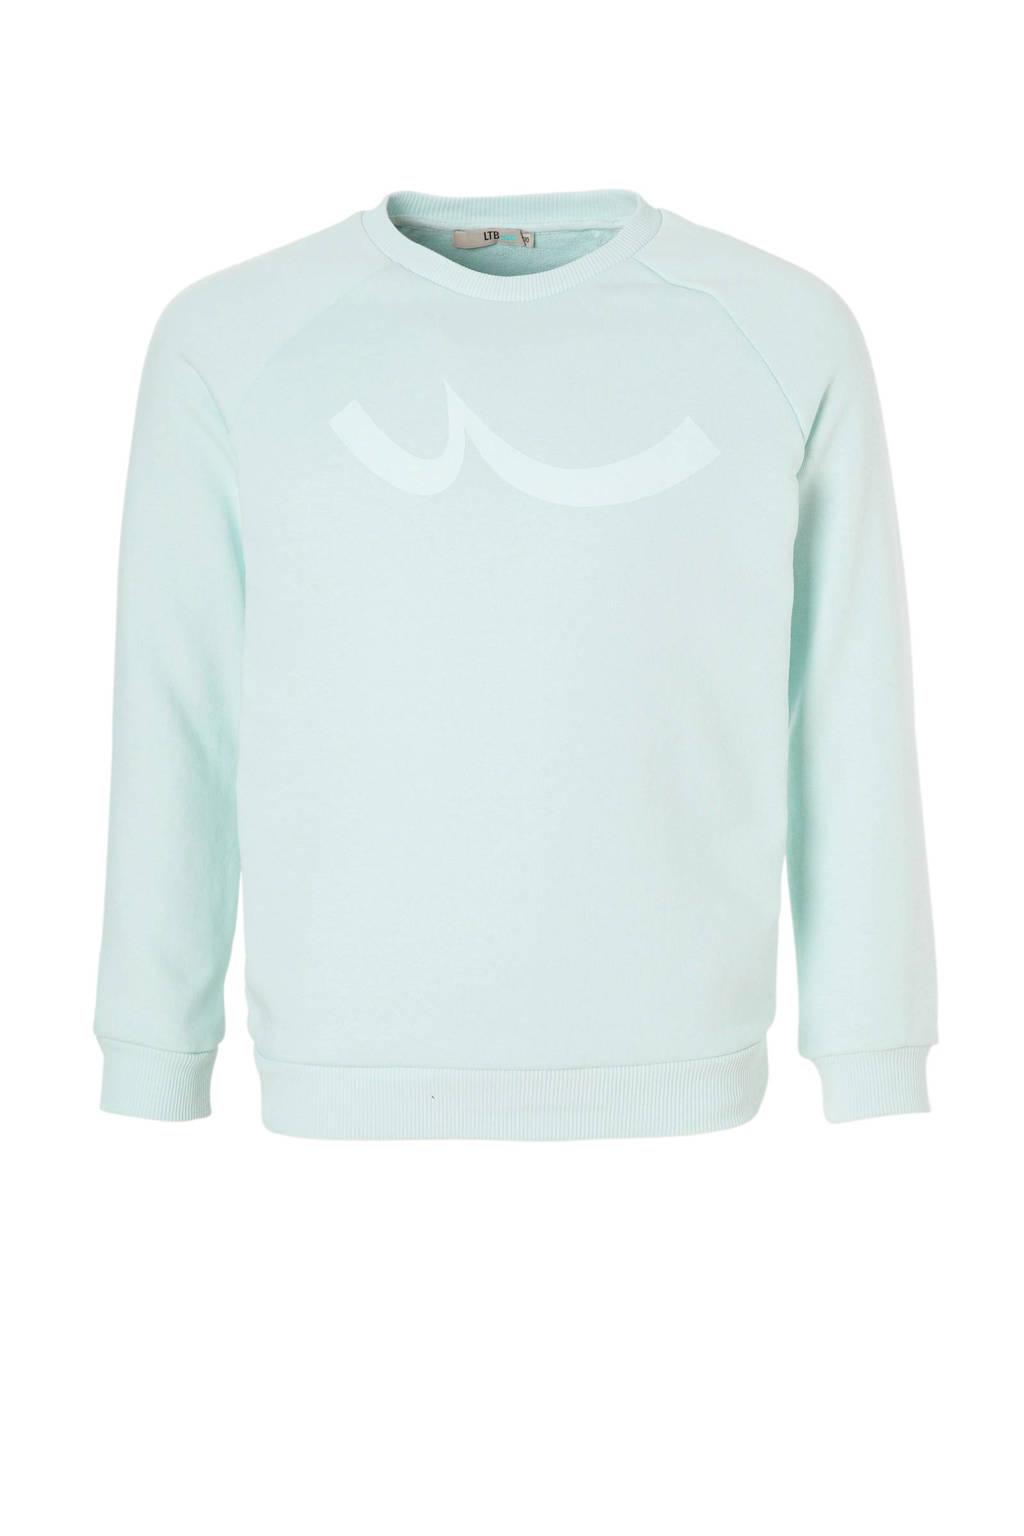 LTB sweater Pizado met print lichtblauw, Lichtblauw